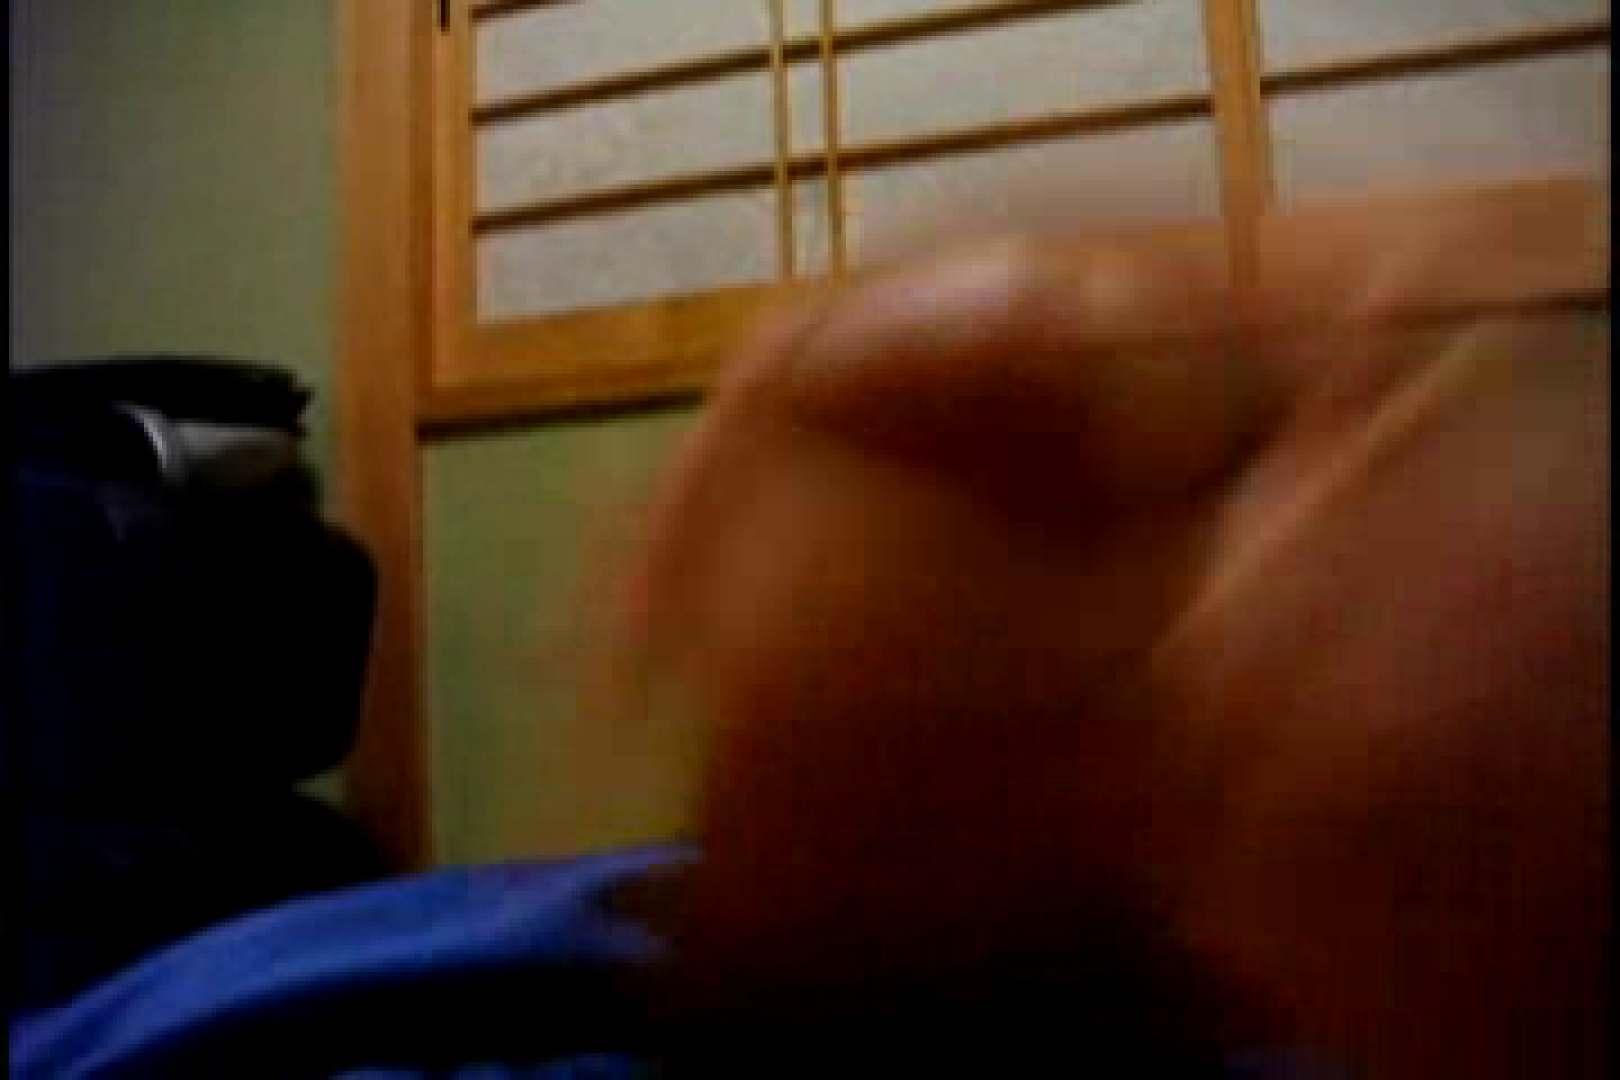 オナ好きノンケテニス部員の自画撮り投稿vol.02 流出特集 ゲイ丸見え画像 77枚 48